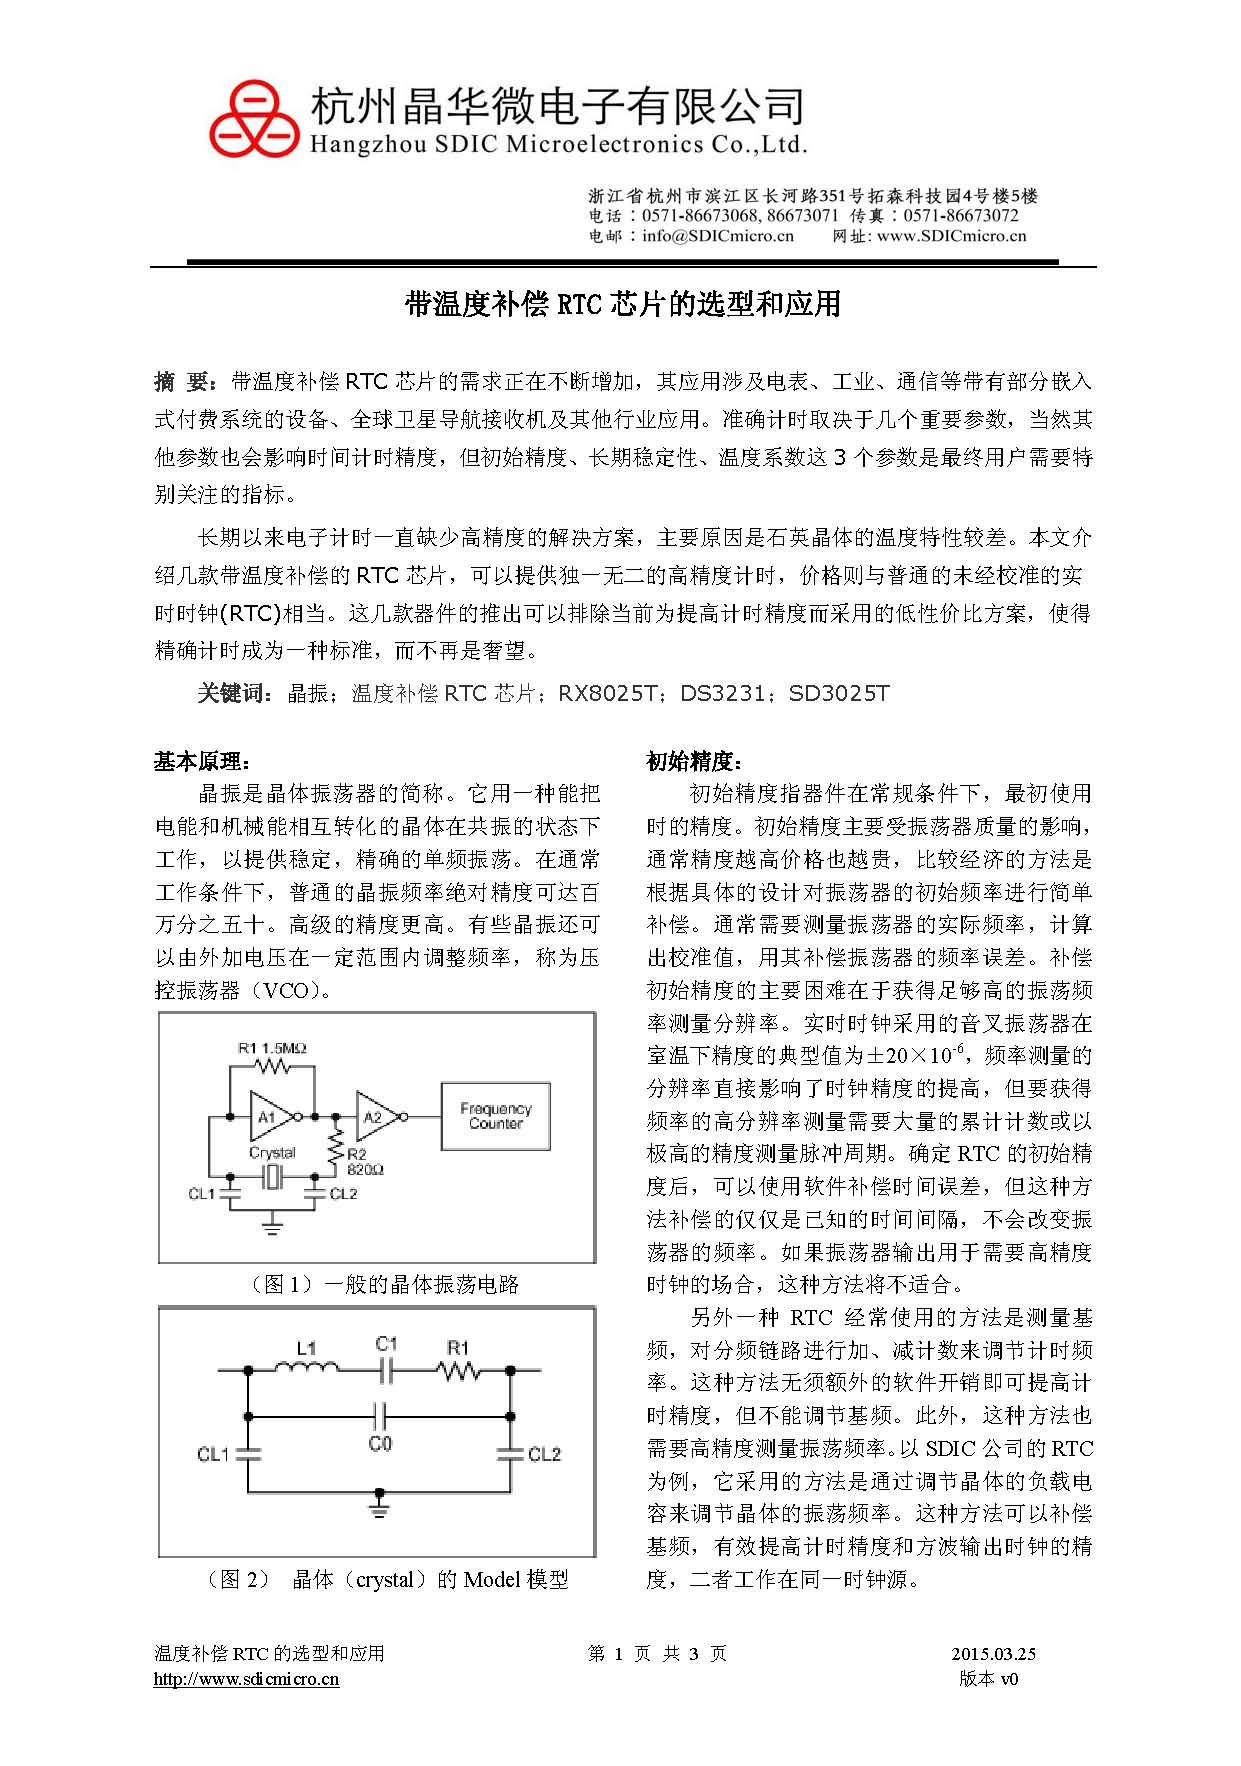 带温度补偿RTC芯片的选型和应用